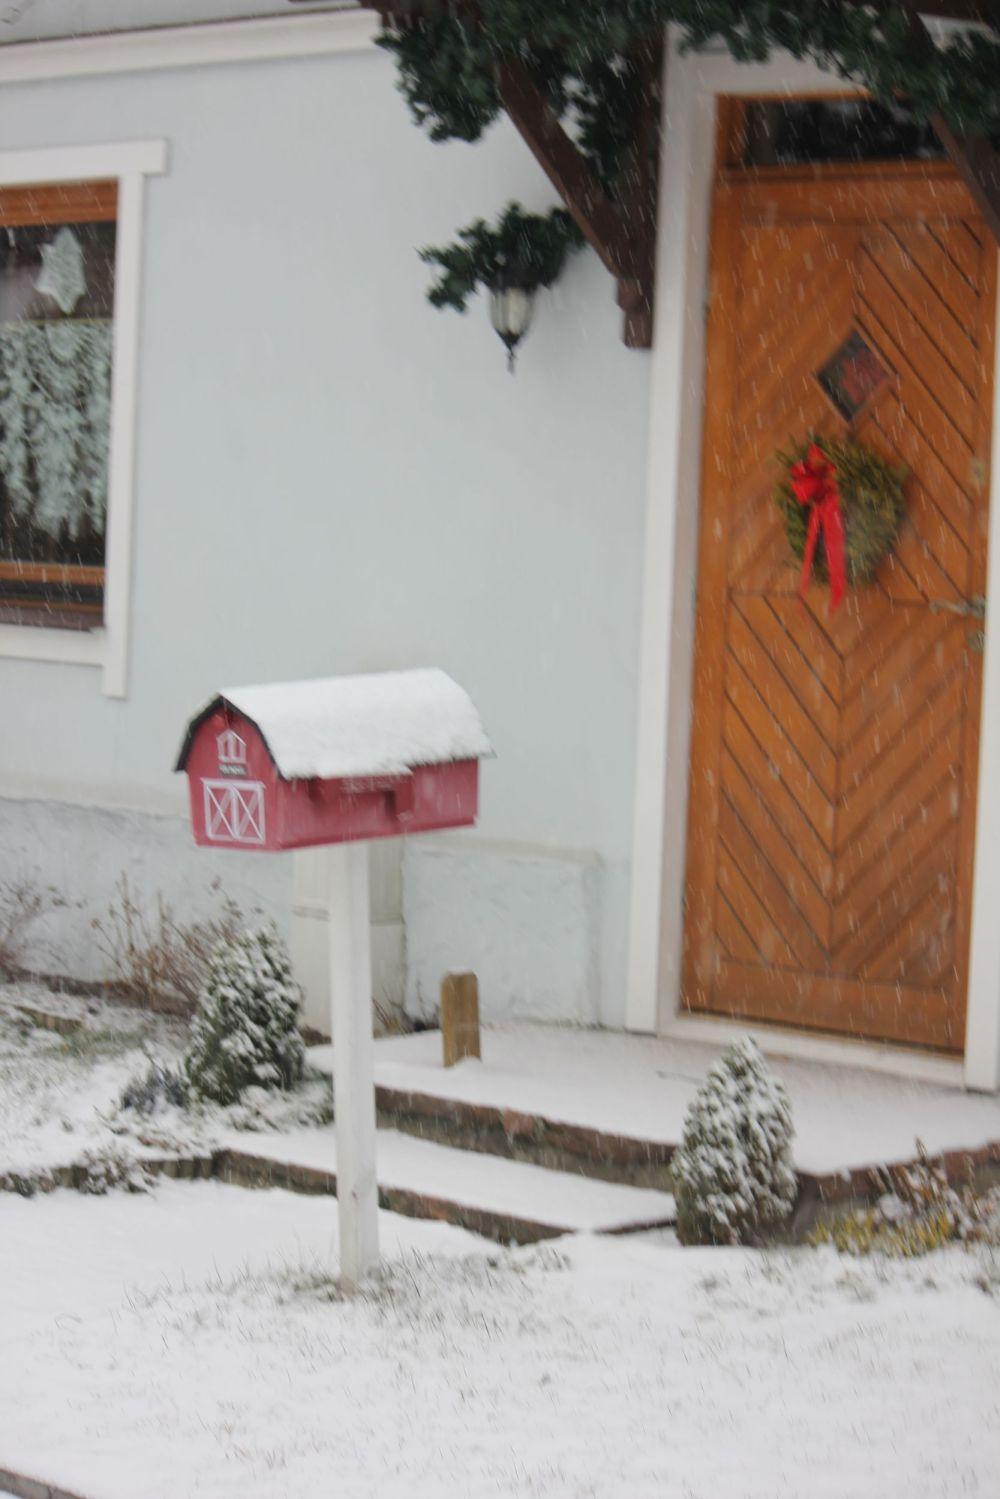 skrzynka_na_listy_ładne_ozdoby_pomysłowe_zimowe_ zima_drzwi_wieniec_wstążka_drewno_oryginalne_piękne_pomysłowe_rękodzieło_czerwony